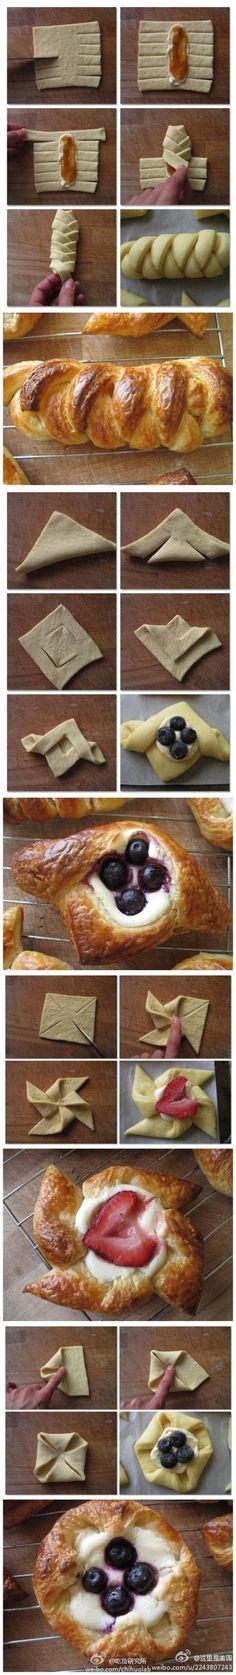 pastry folding 101 - It's not as hard as it looks